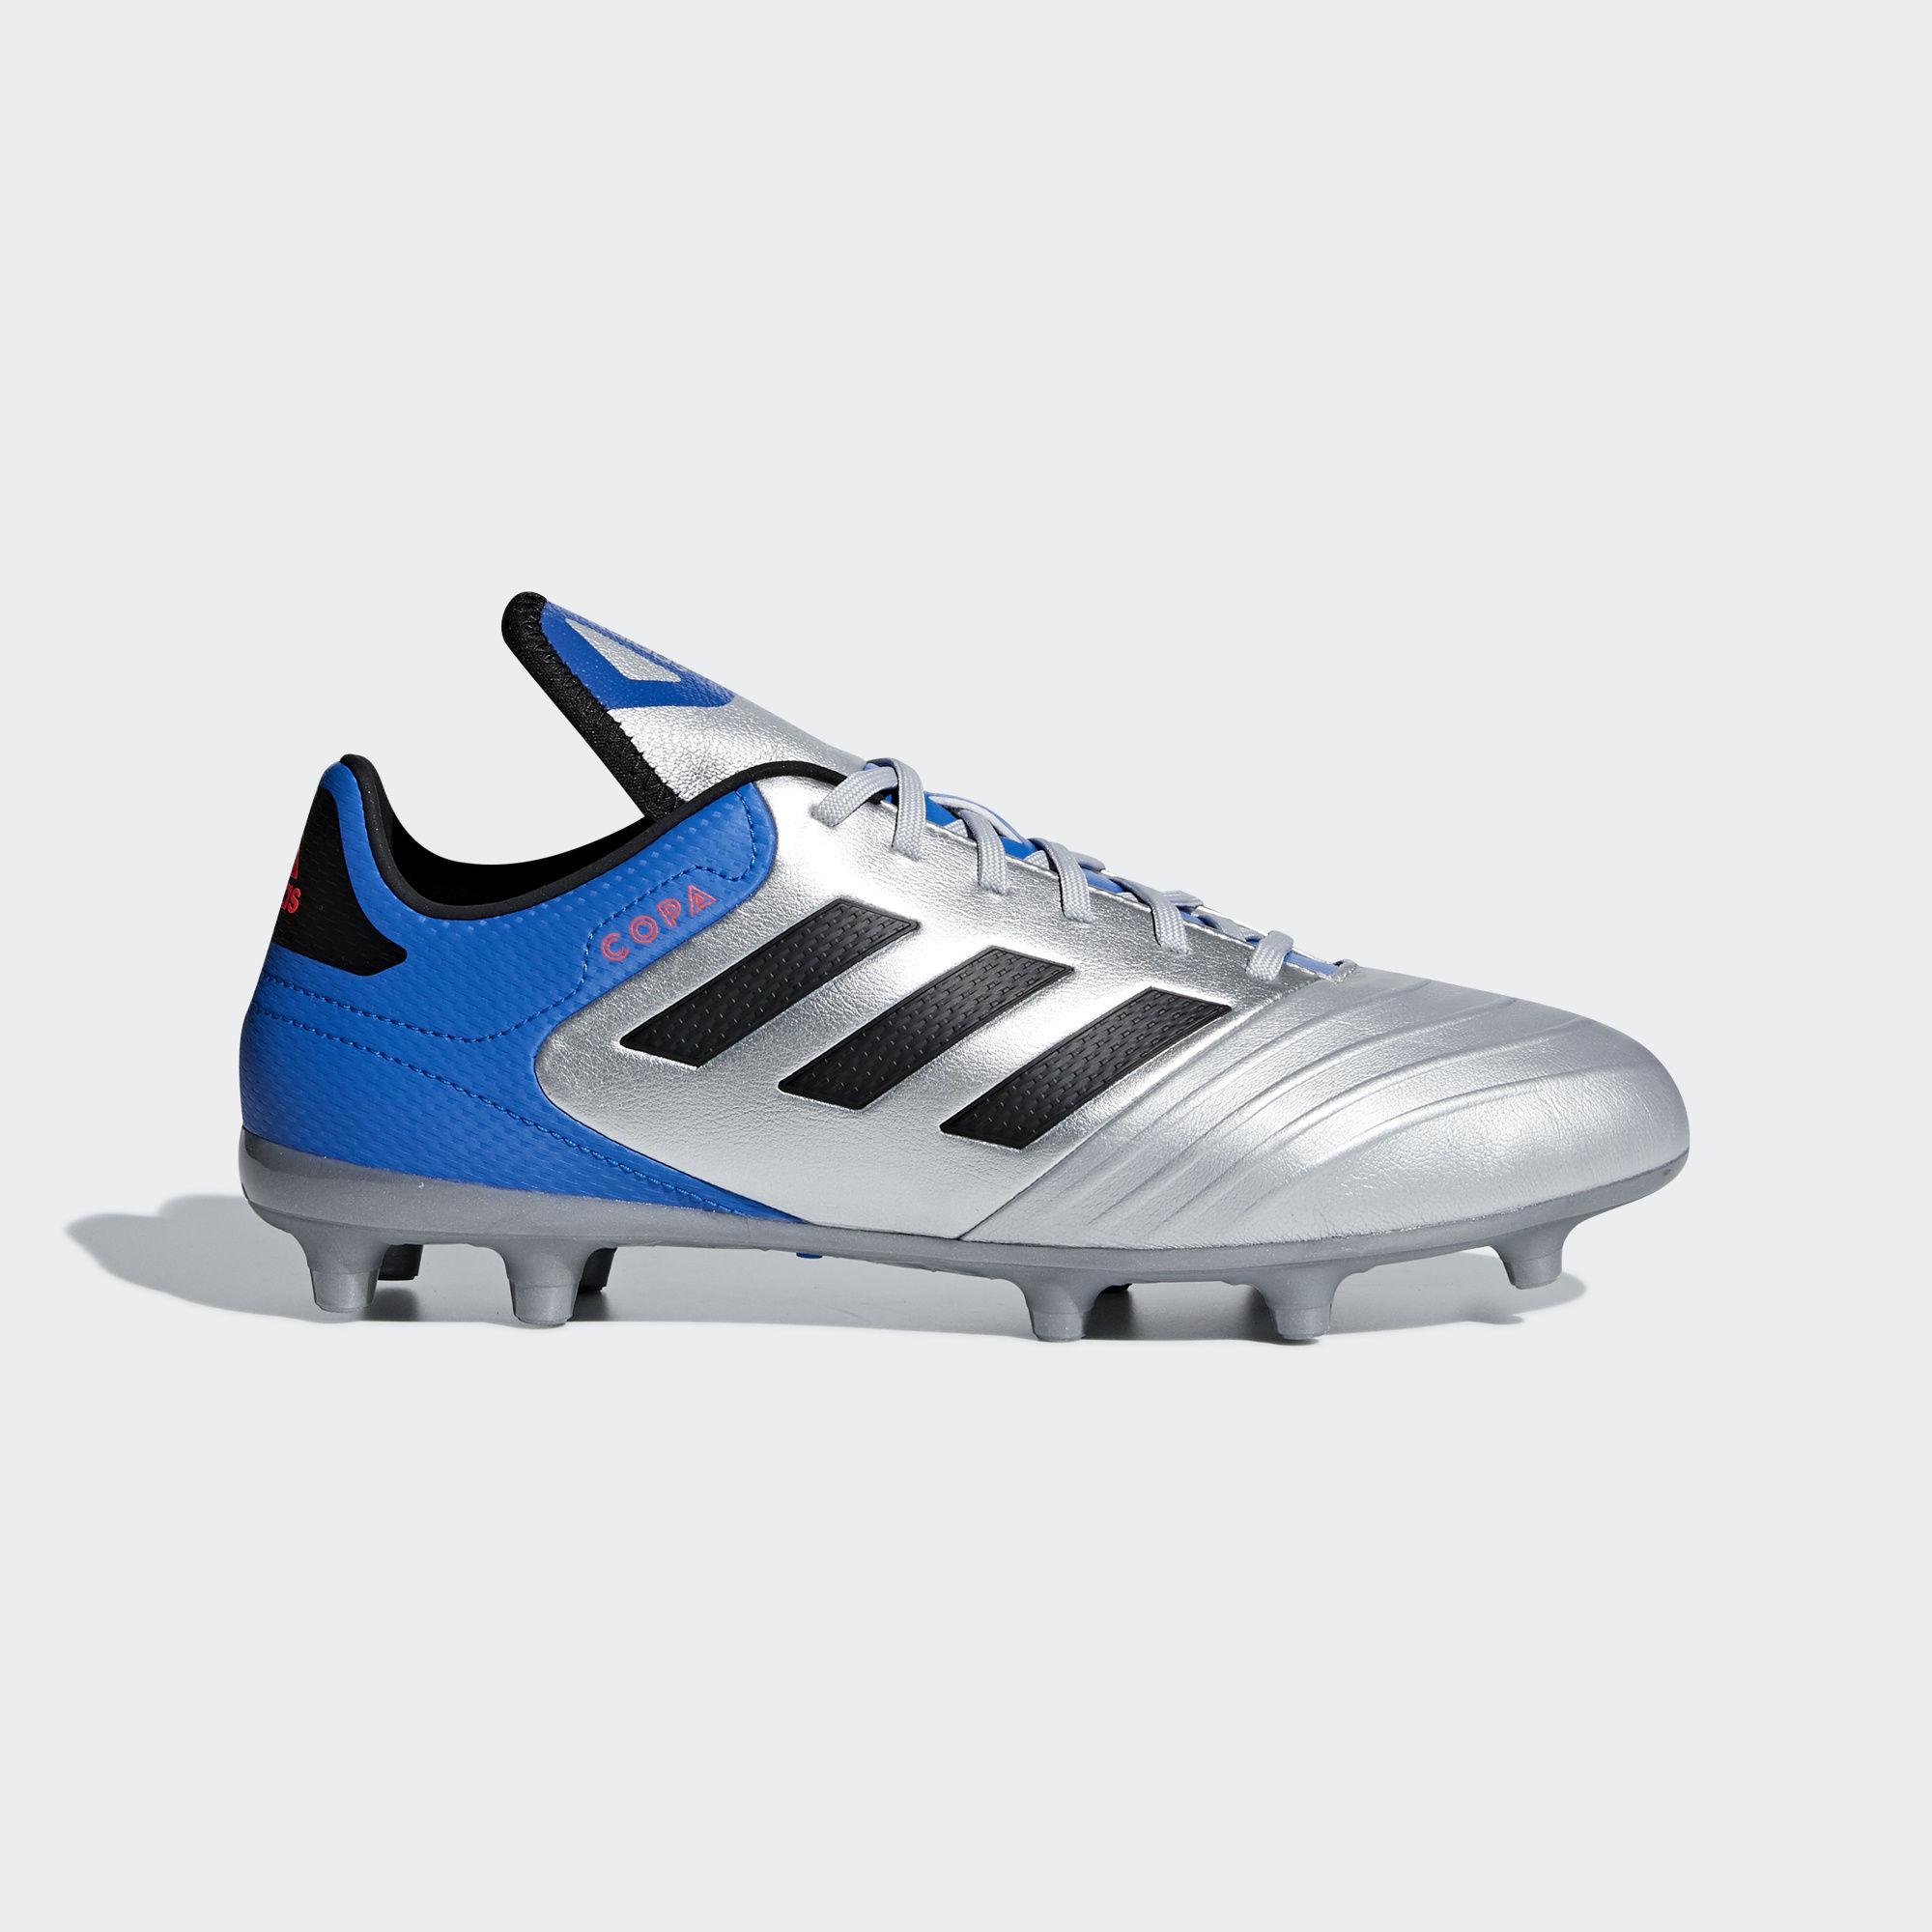 2018 Vera Pelle Copa 18 Calcio Adidas Grigio 3 Scarpe Football Fg vyNO8nm0wP